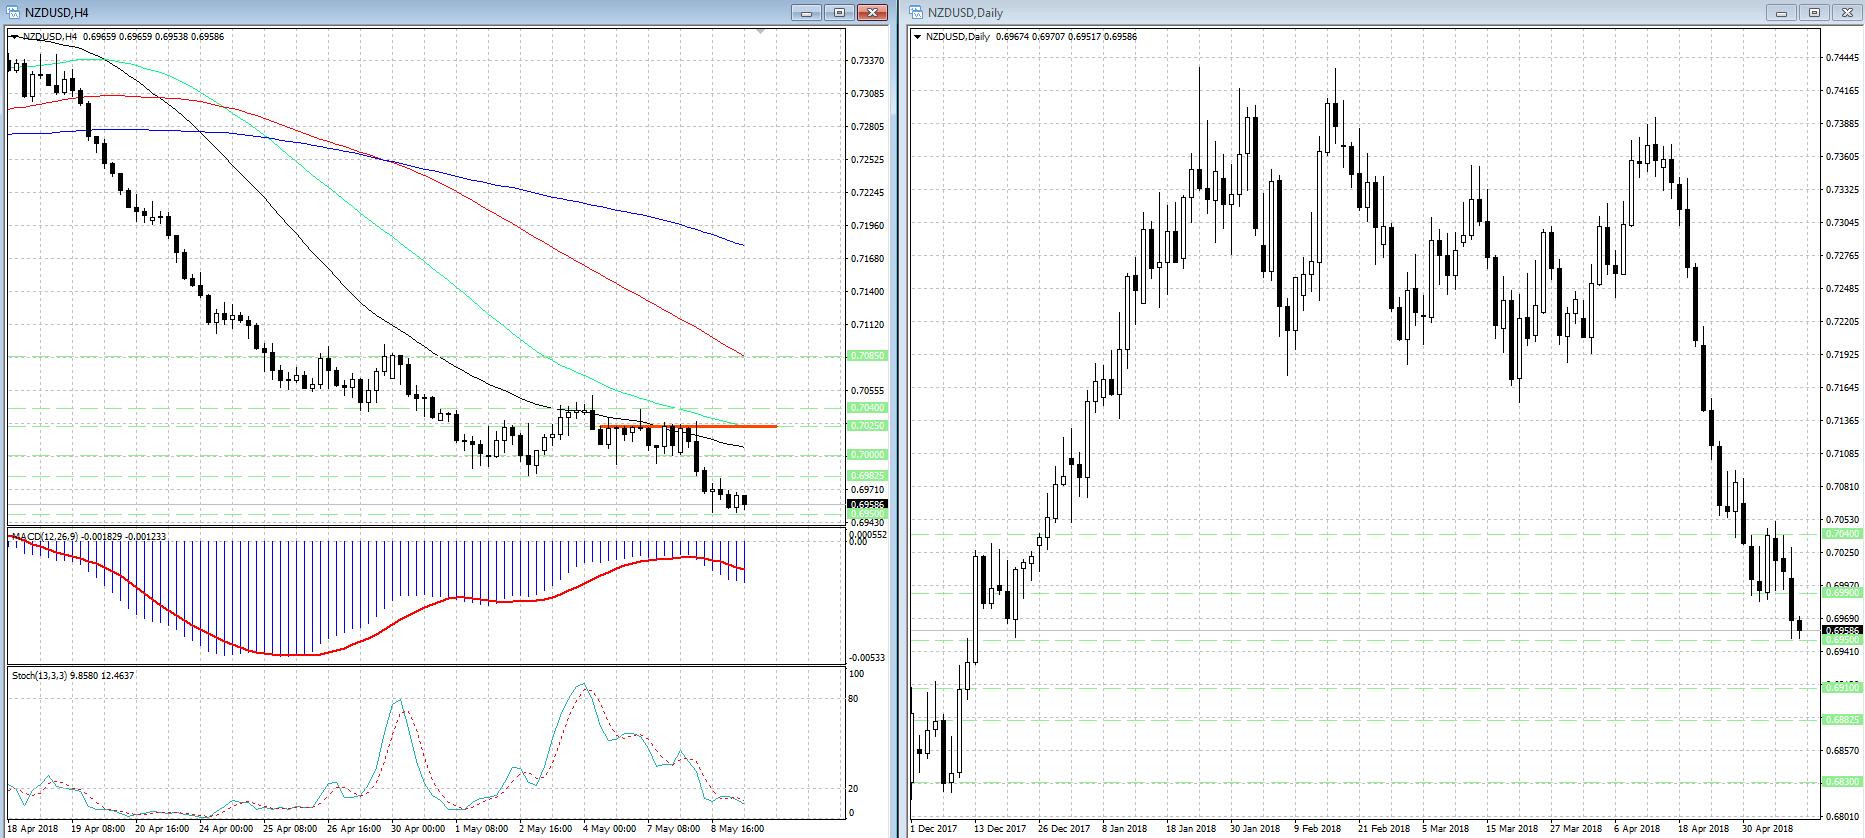 Снижение новозеландского доллара (NZD) может продолжиться сегодня...